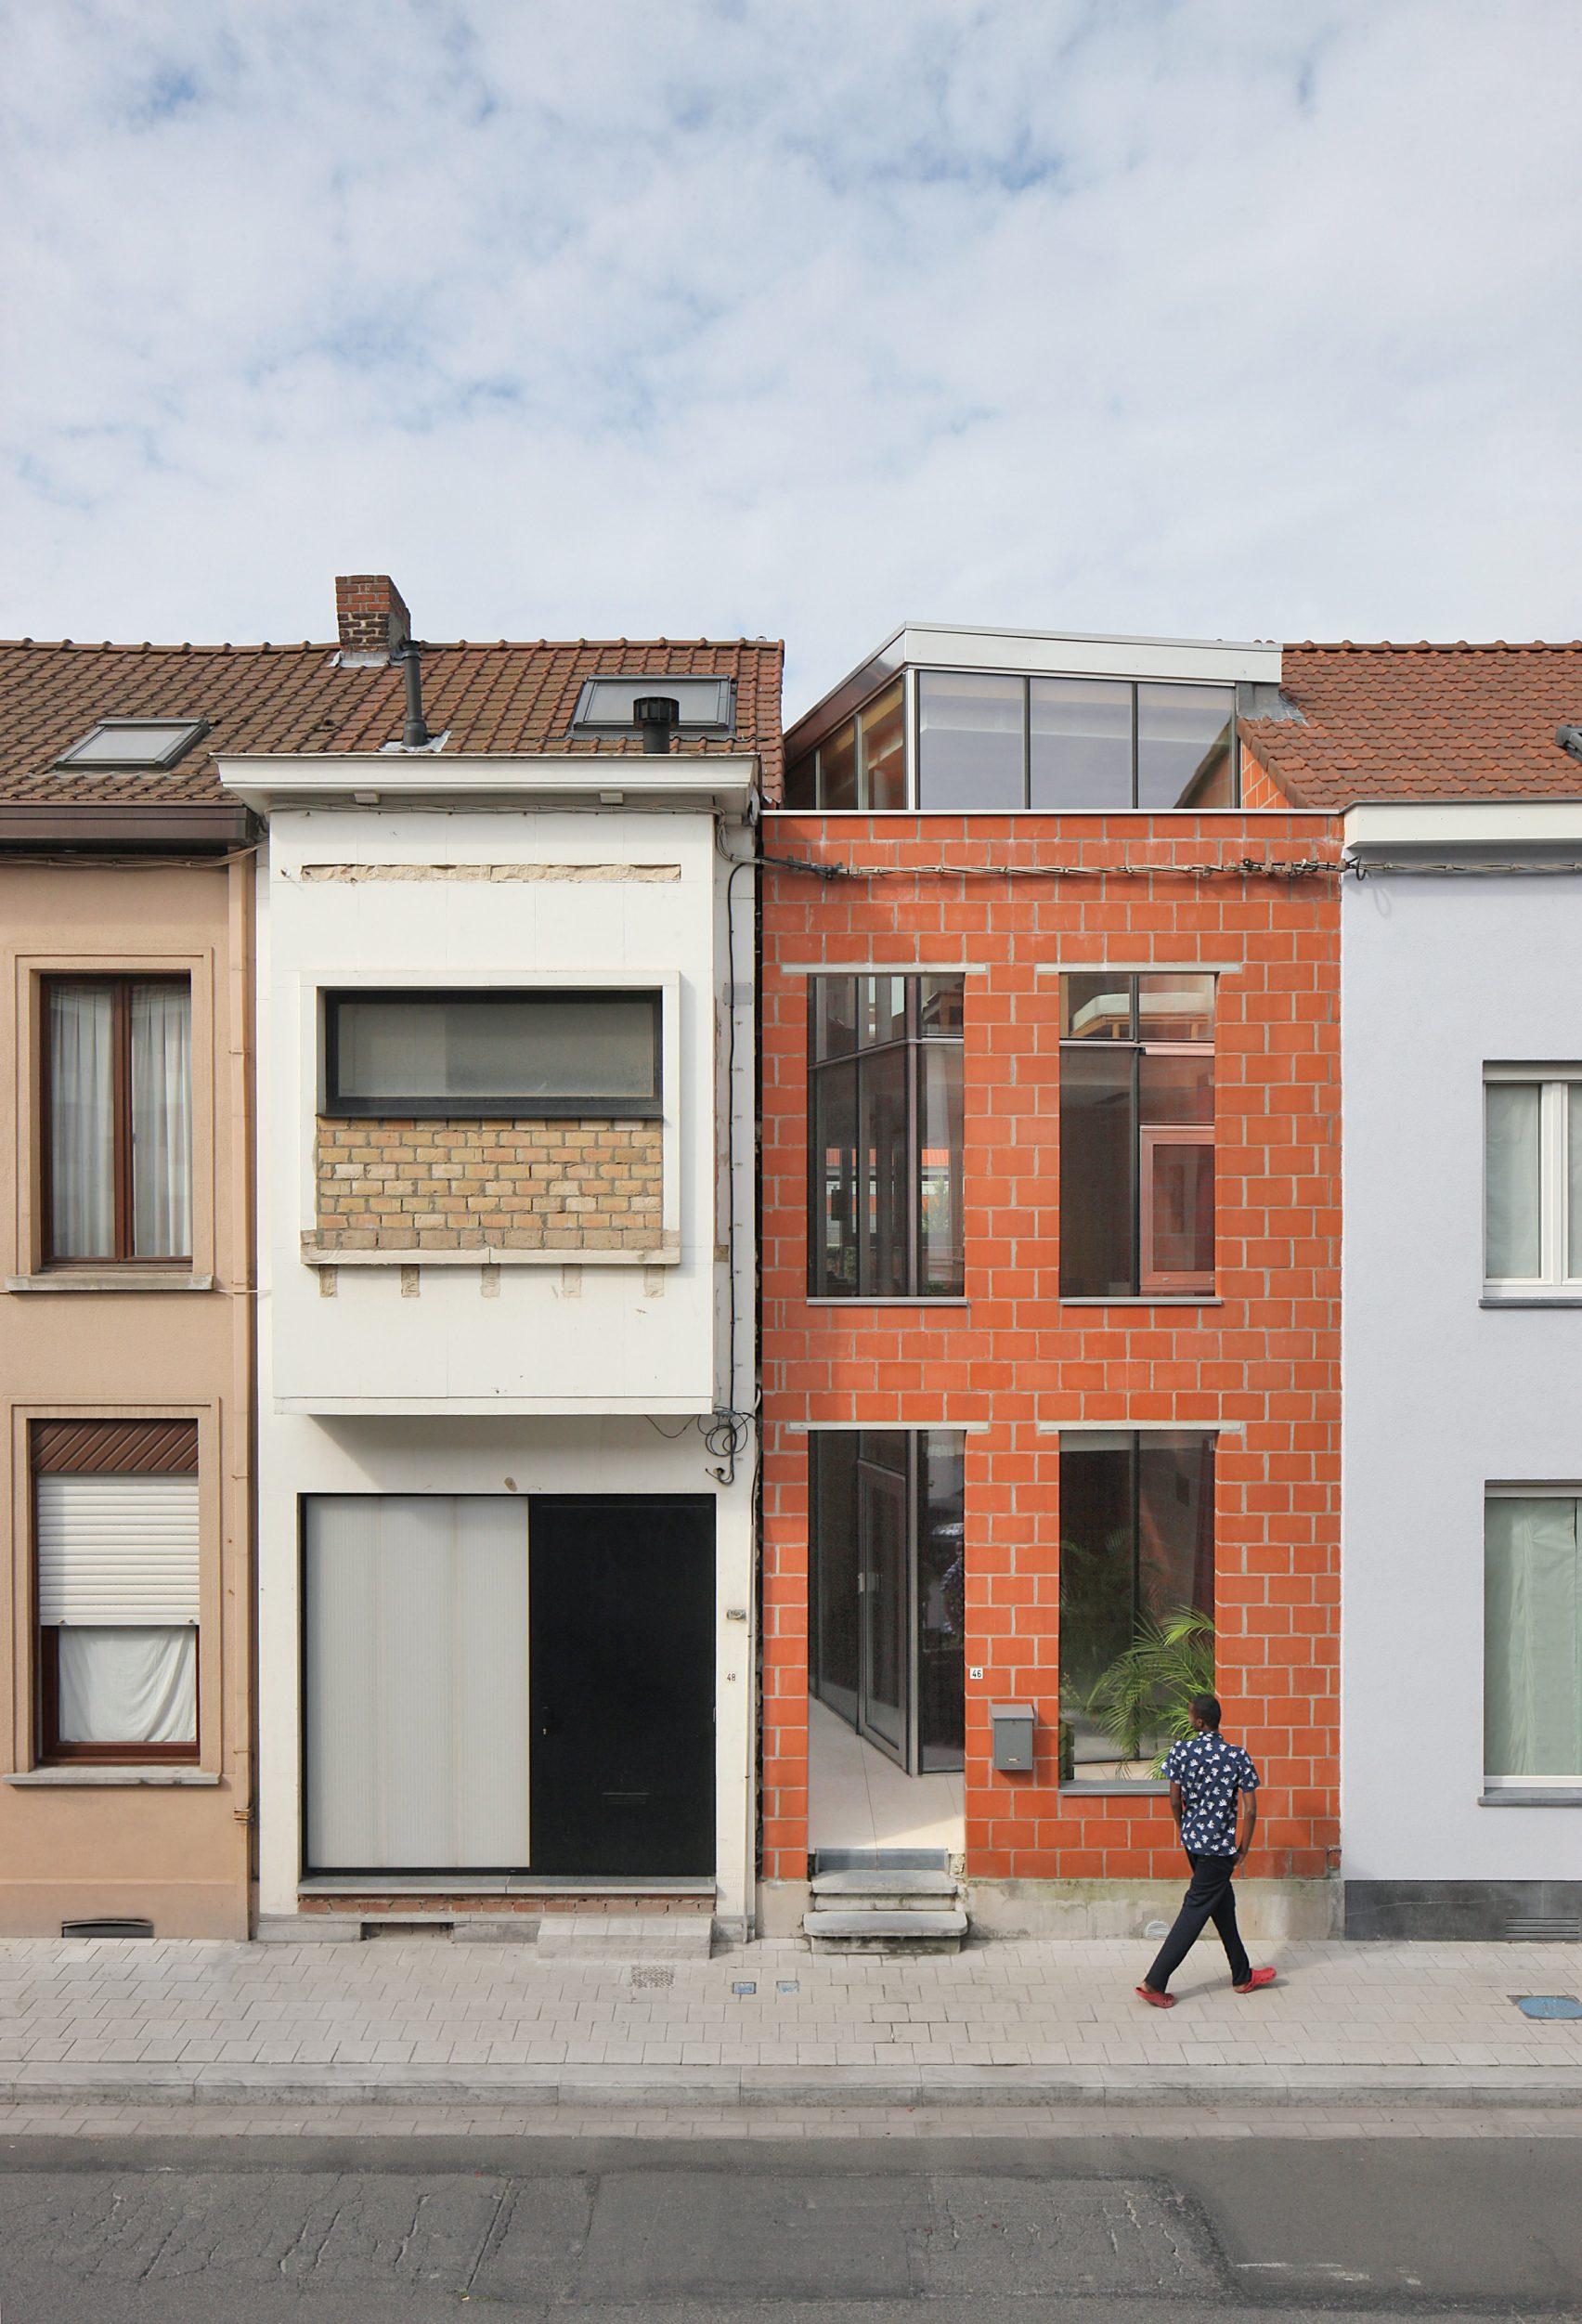 House SSK by De Baes Associates and Sophie van Noten